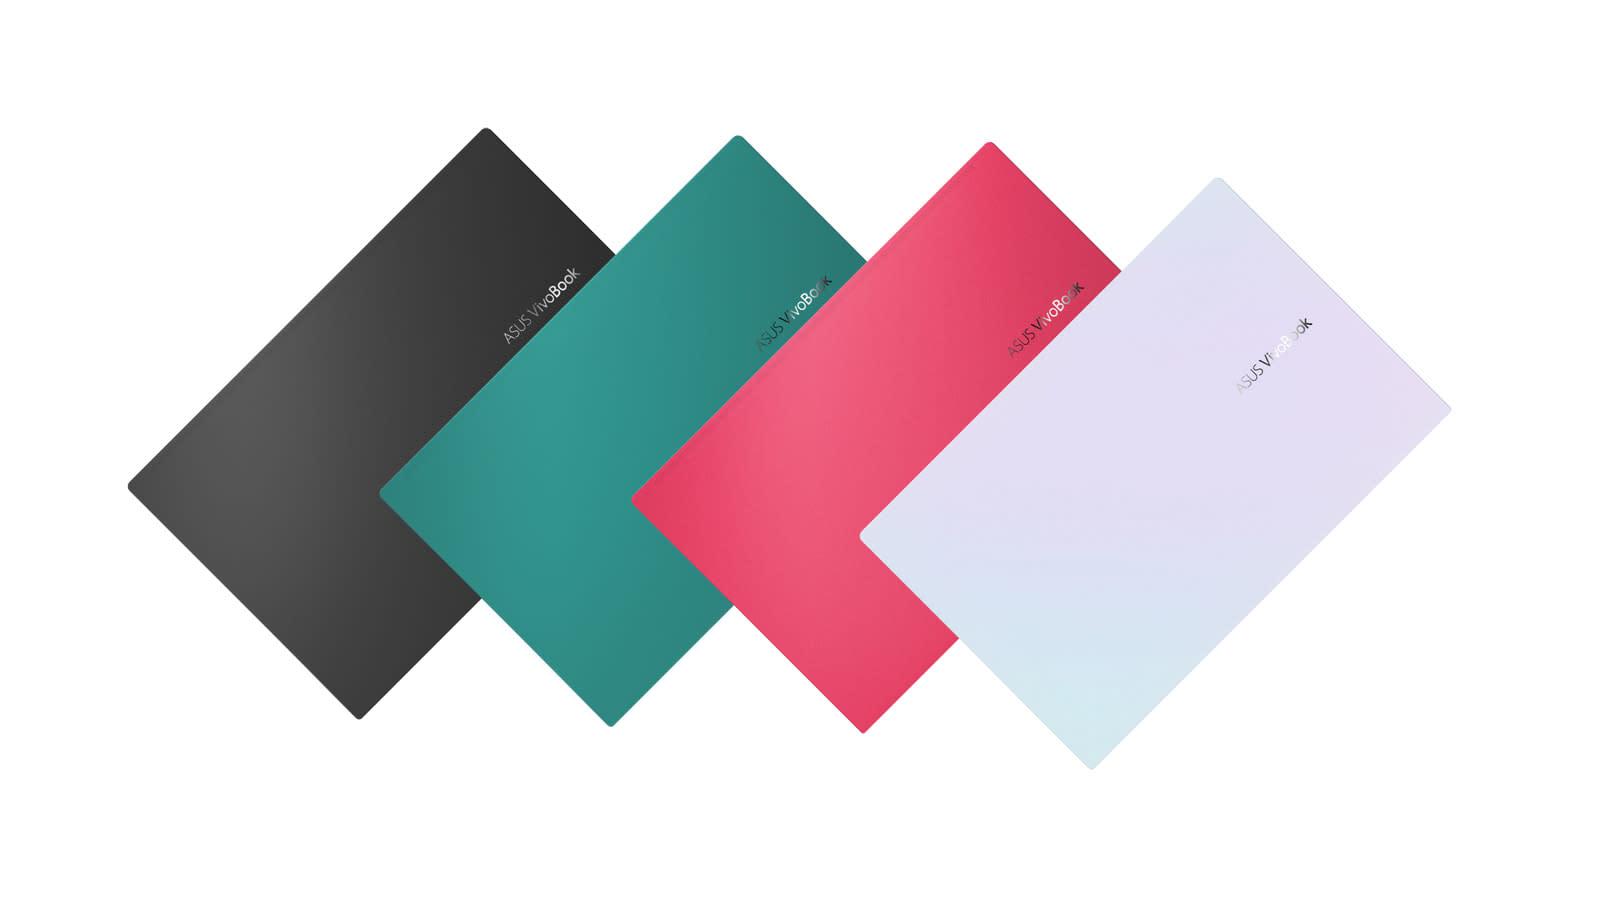 ASUS VivoBook S colors